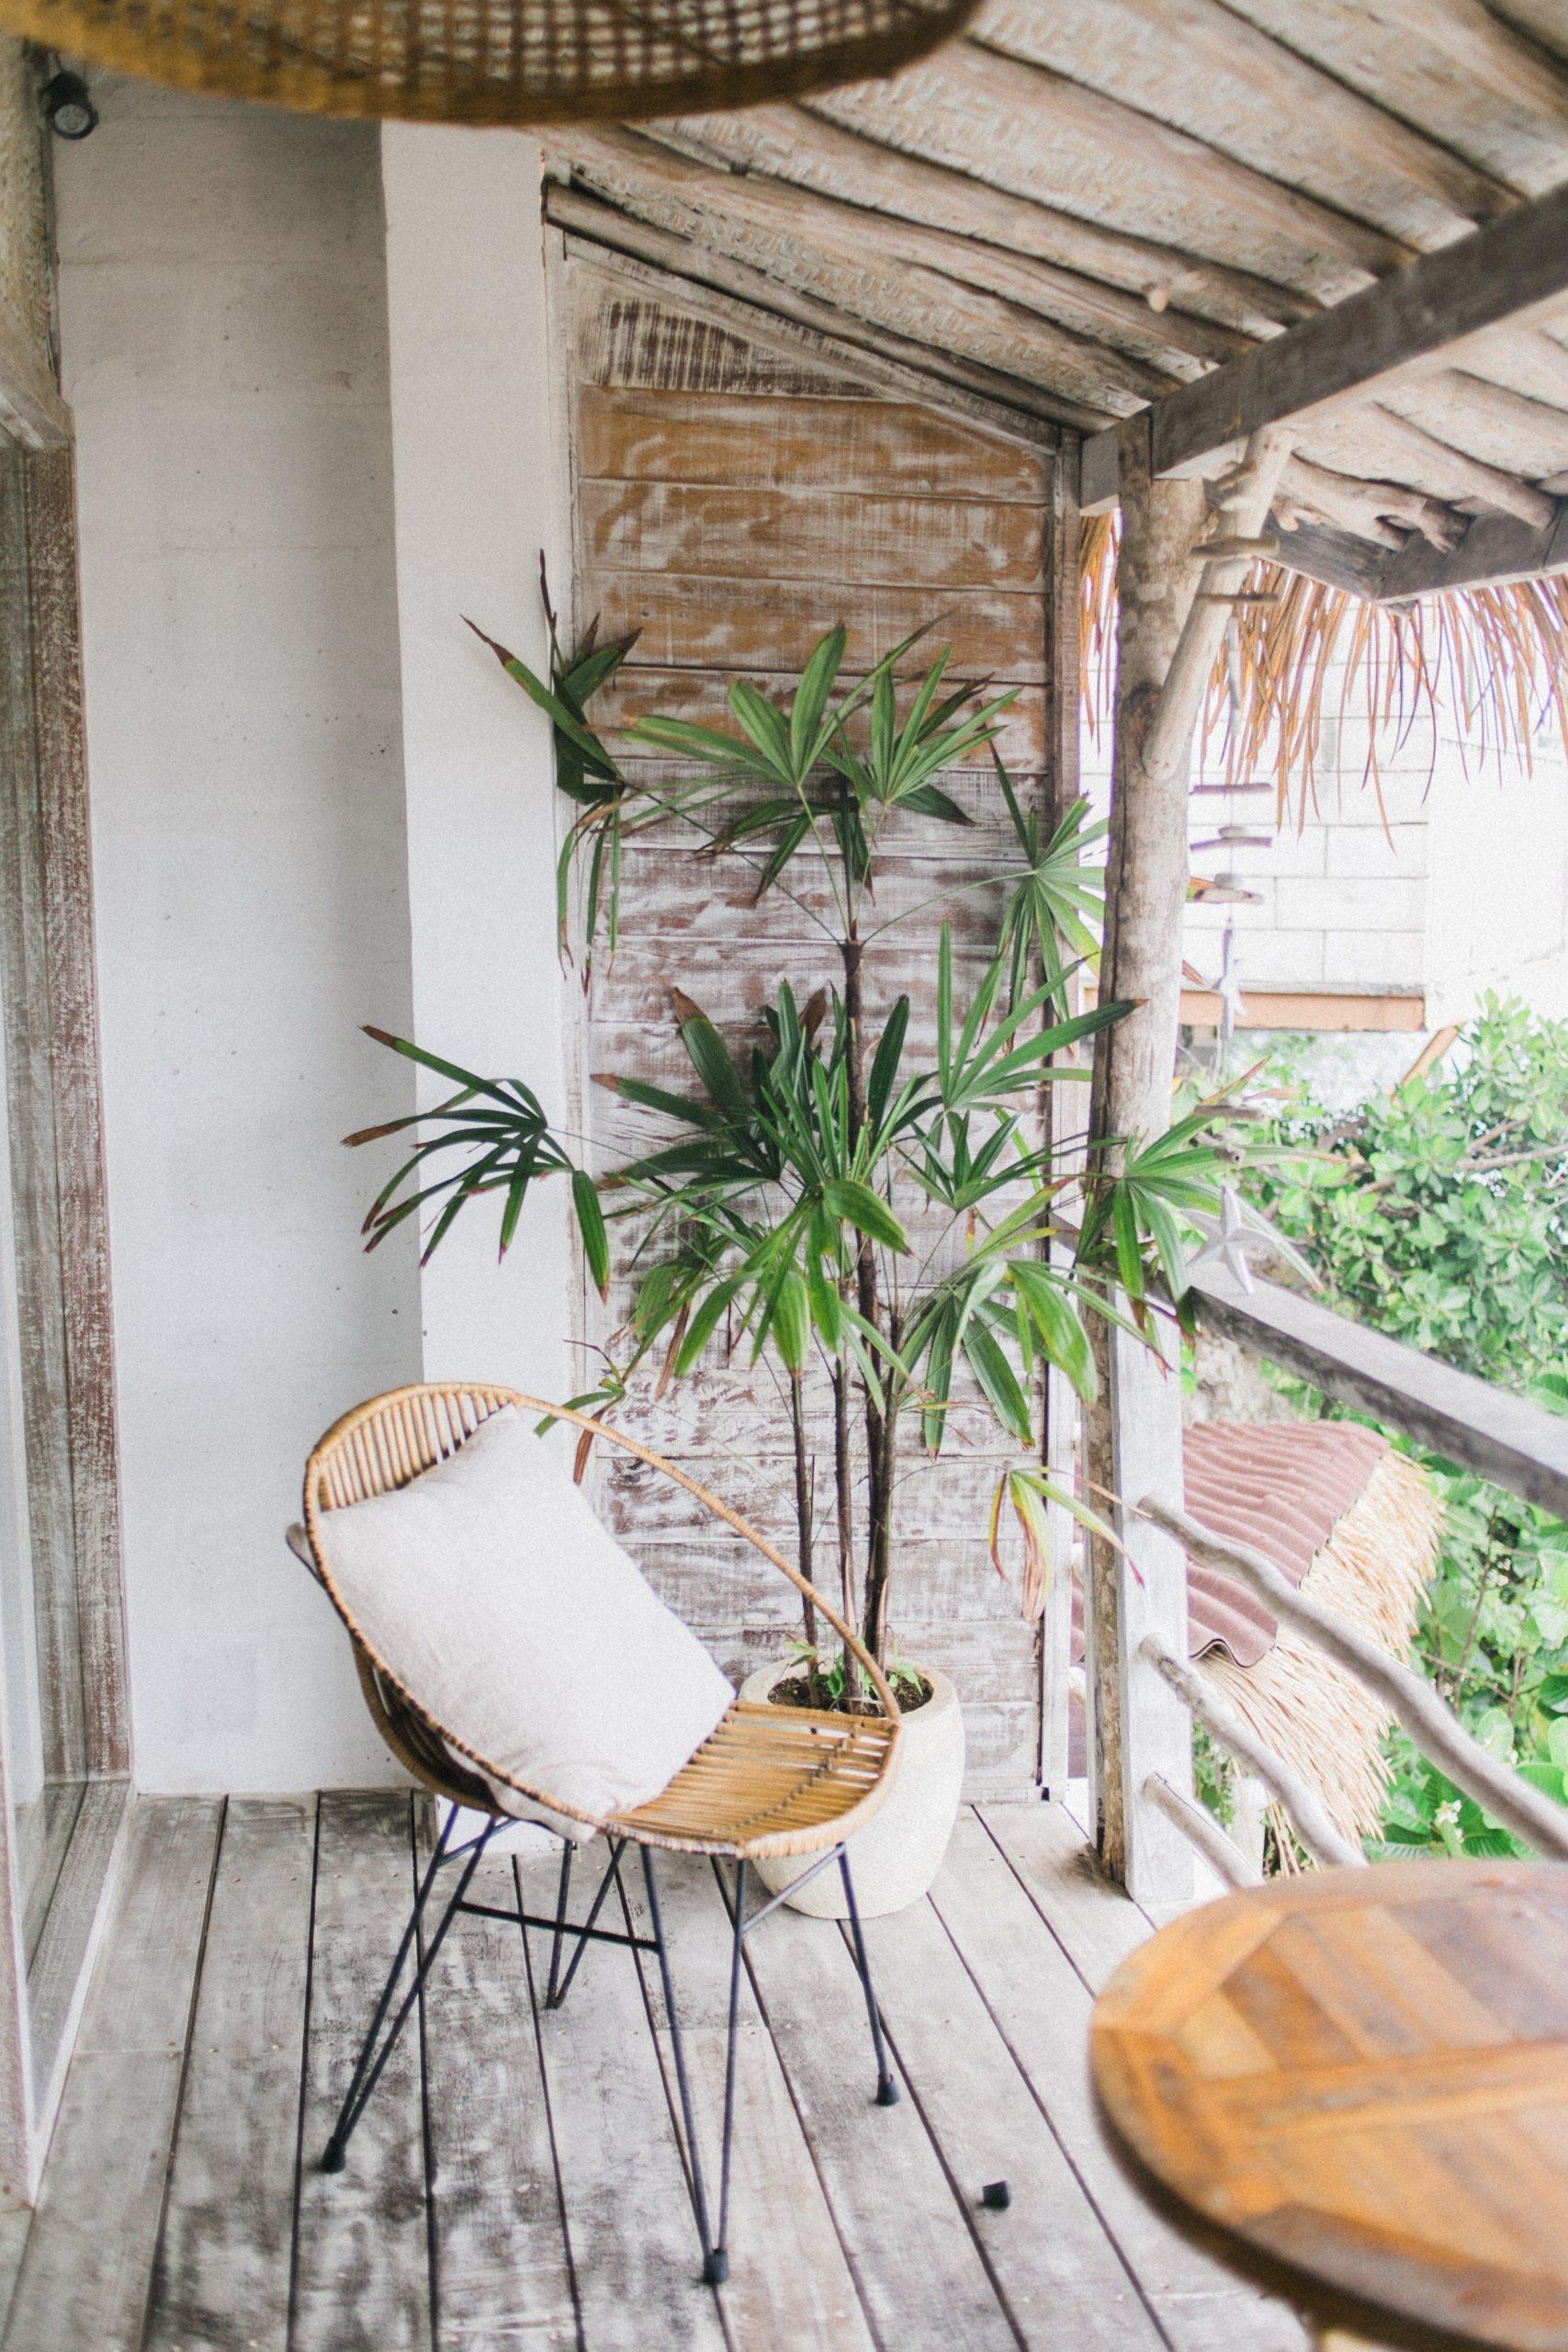 rieten stoel op het balkon met uitzicht op natuur